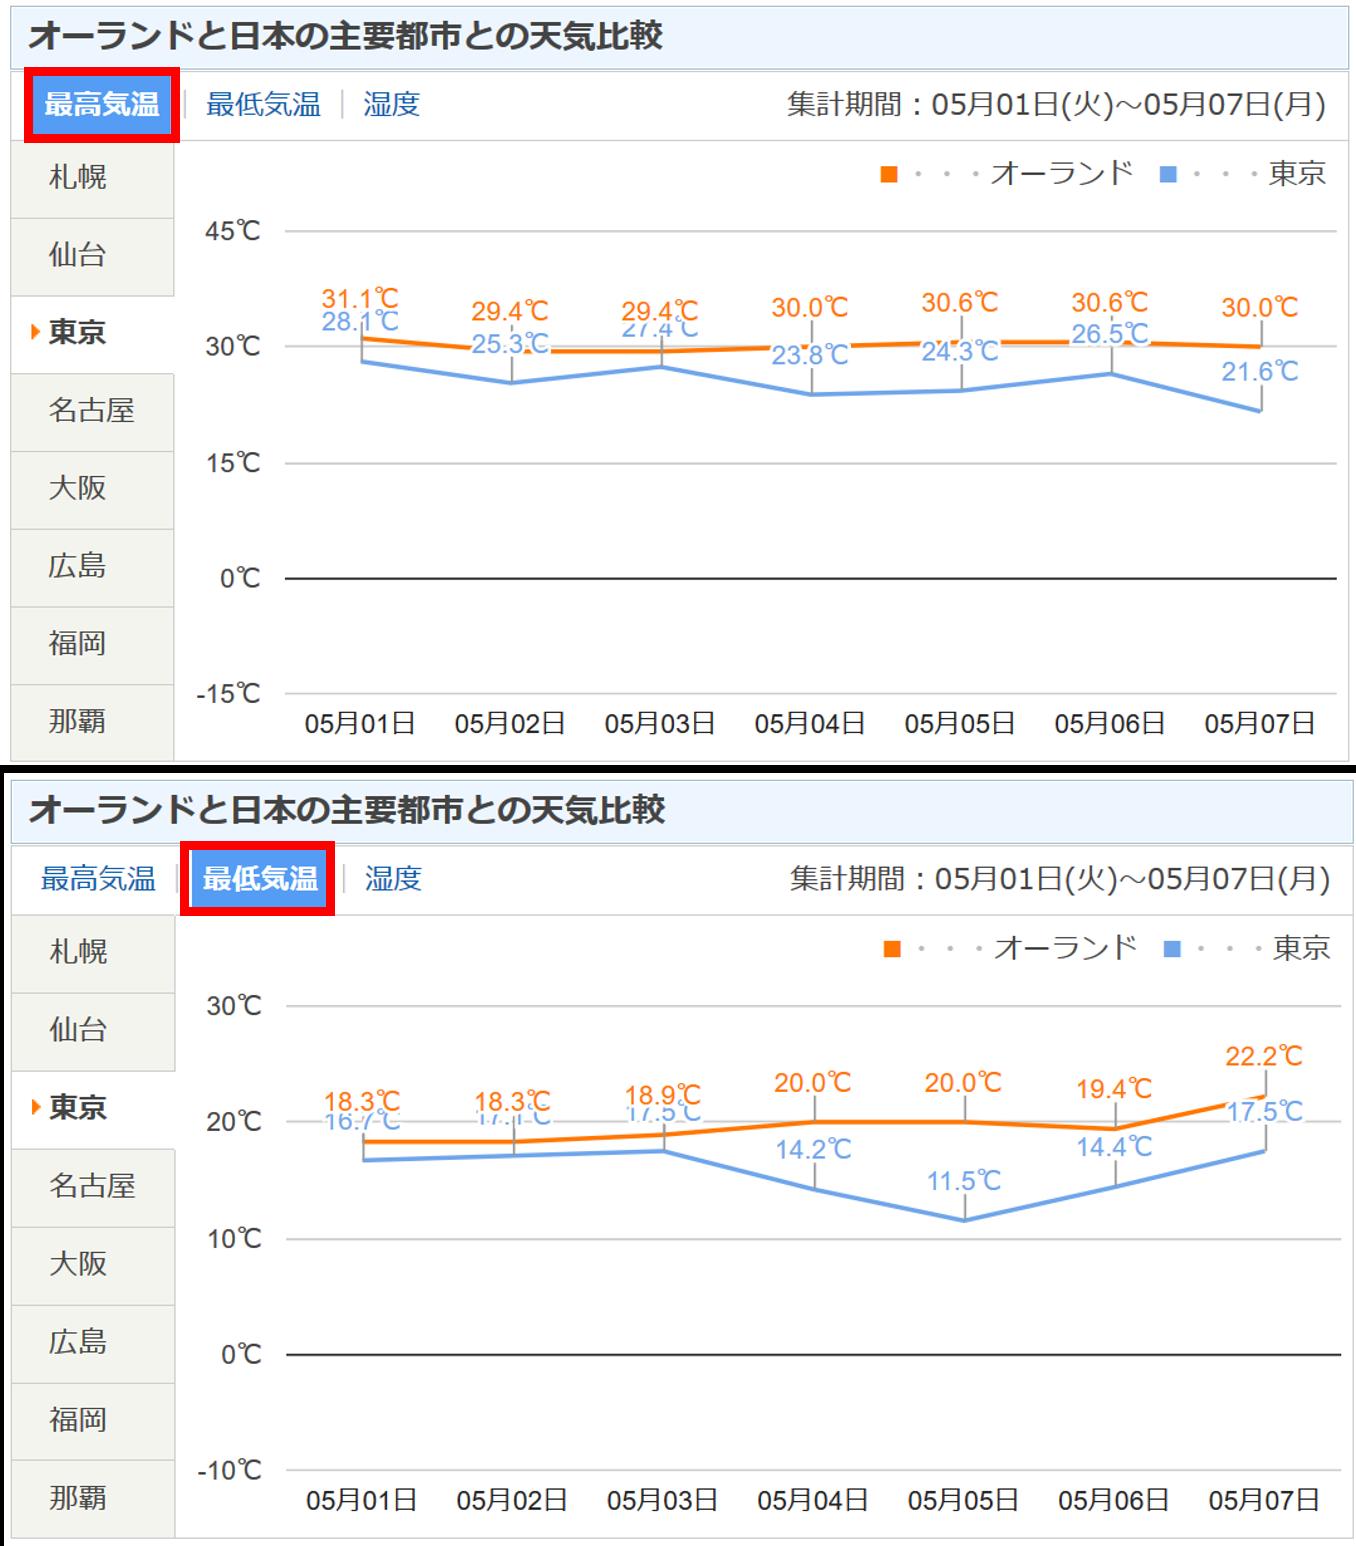 オーランドと日本の気温比較